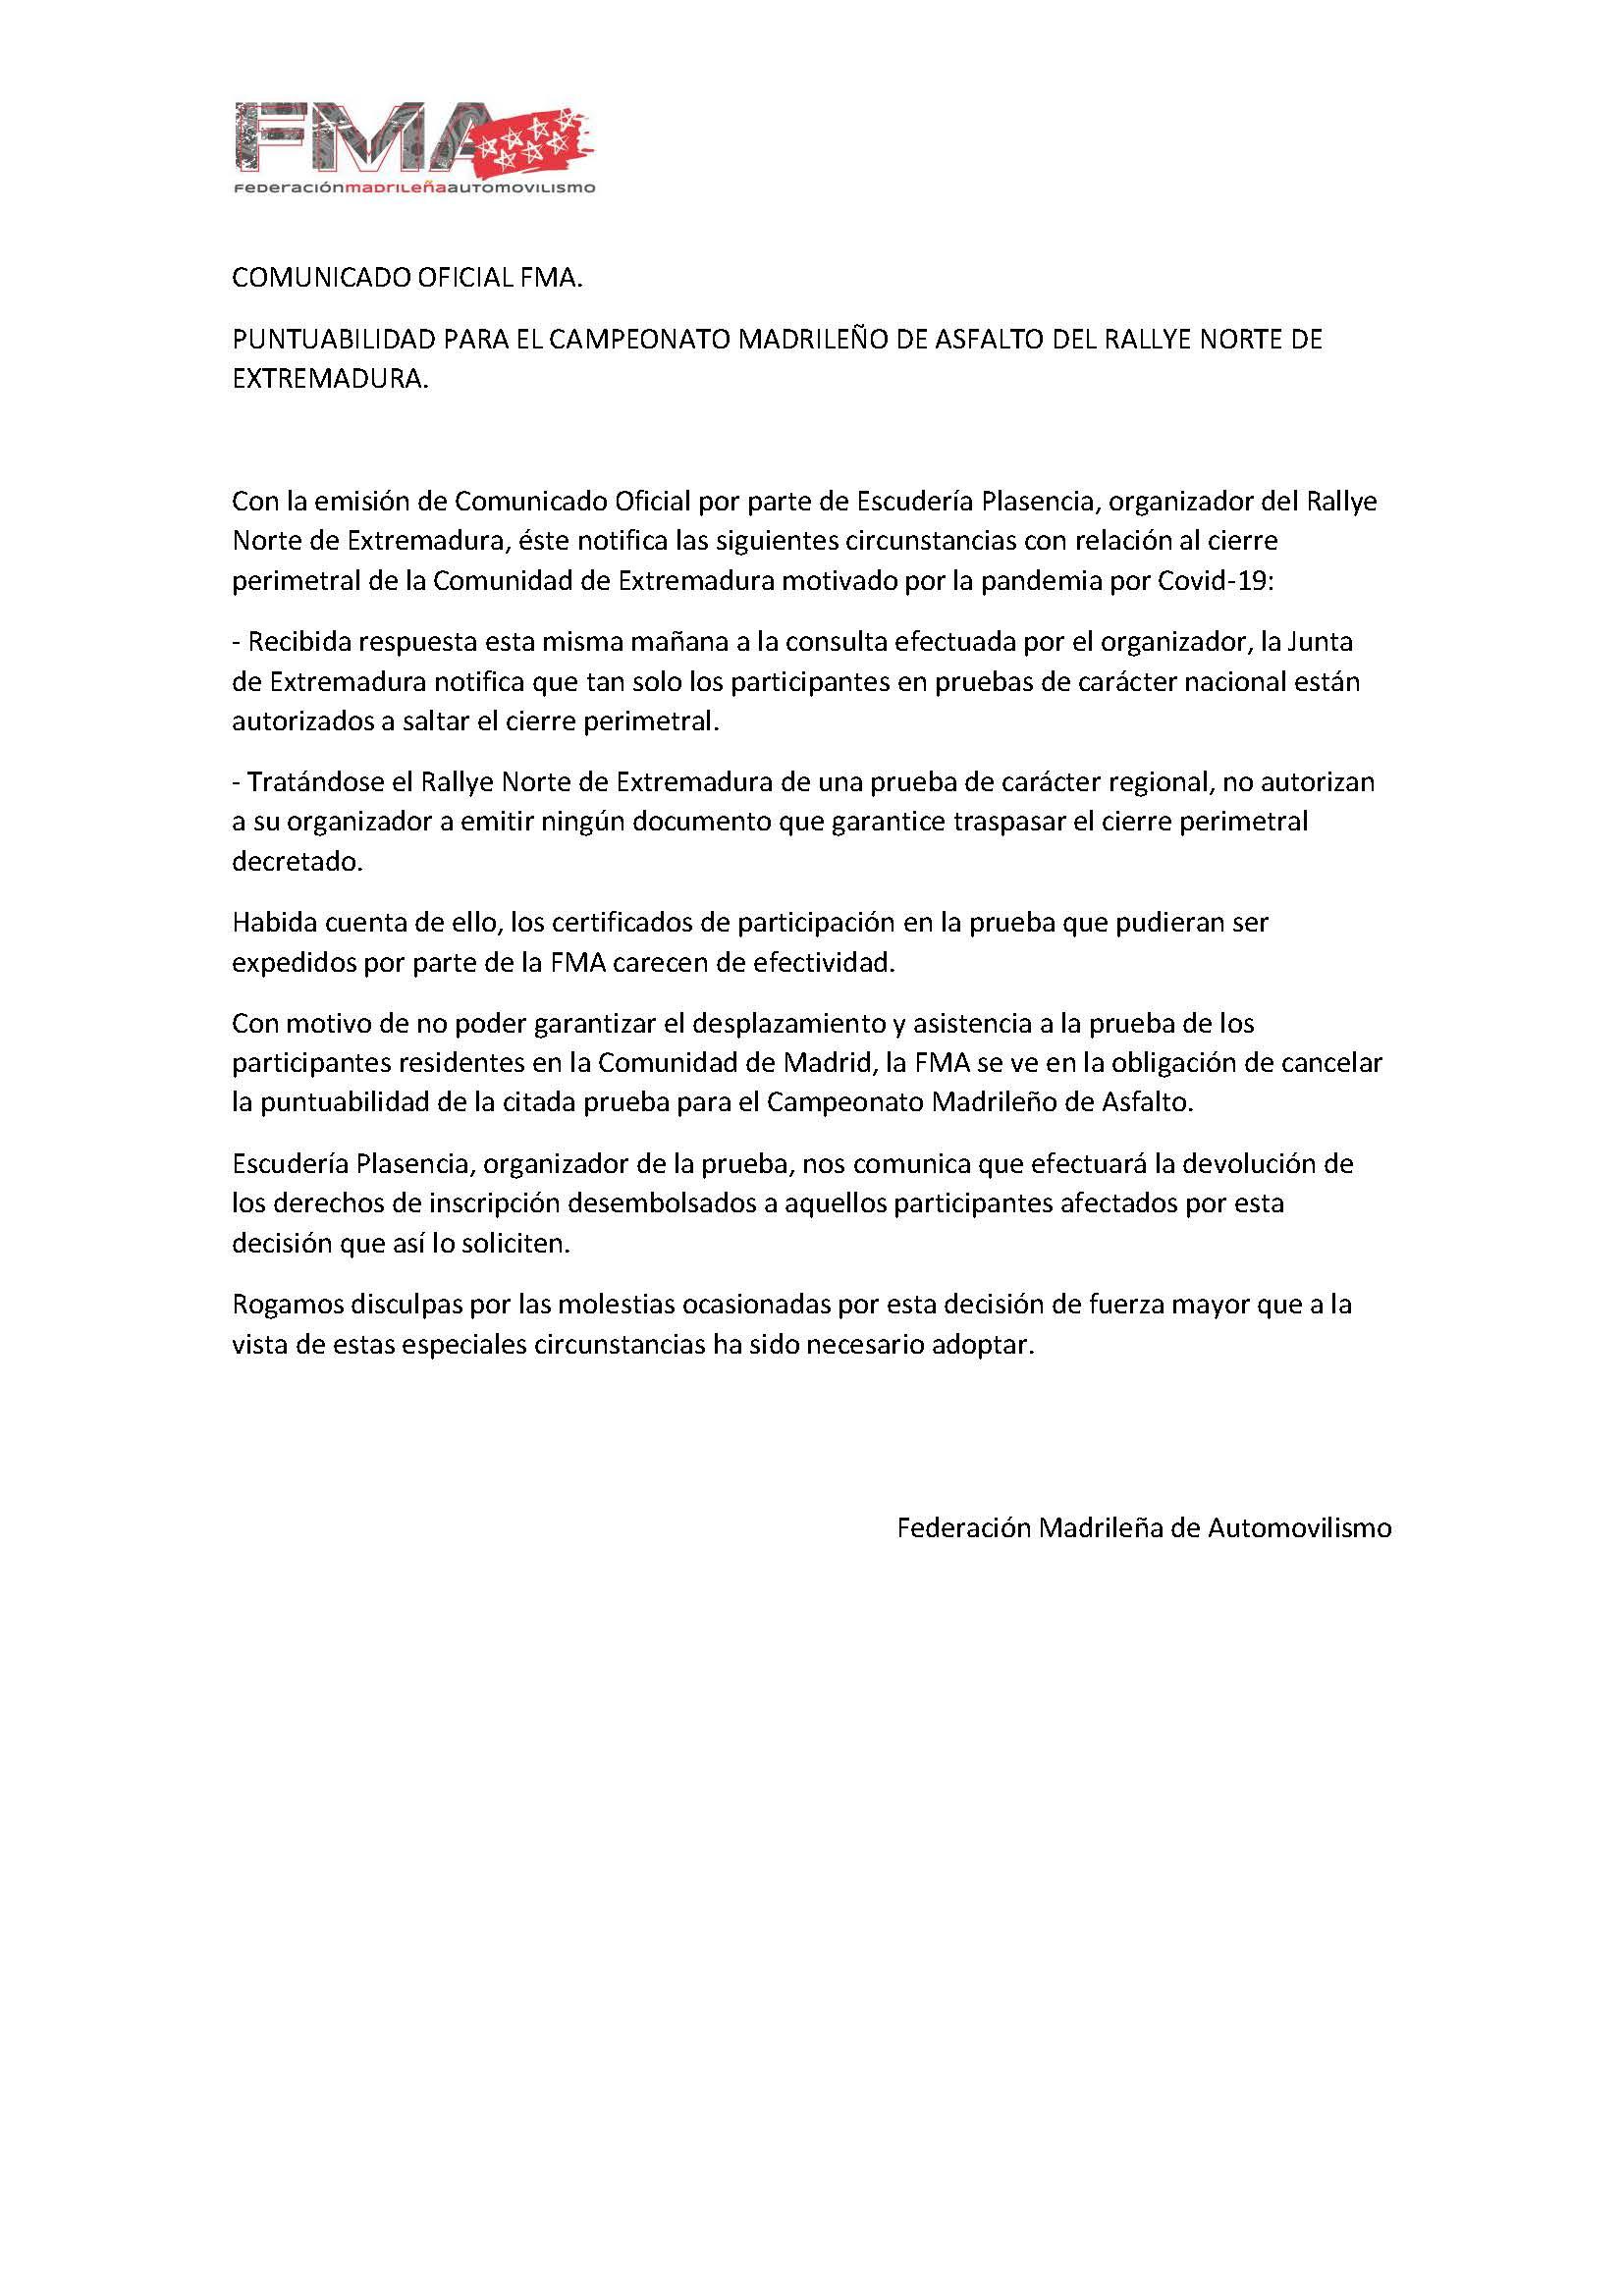 Campeonatos Regionales 2021: Información y novedades  - Página 9 Ey3eFrsWUAERh8f?format=jpg&name=4096x4096